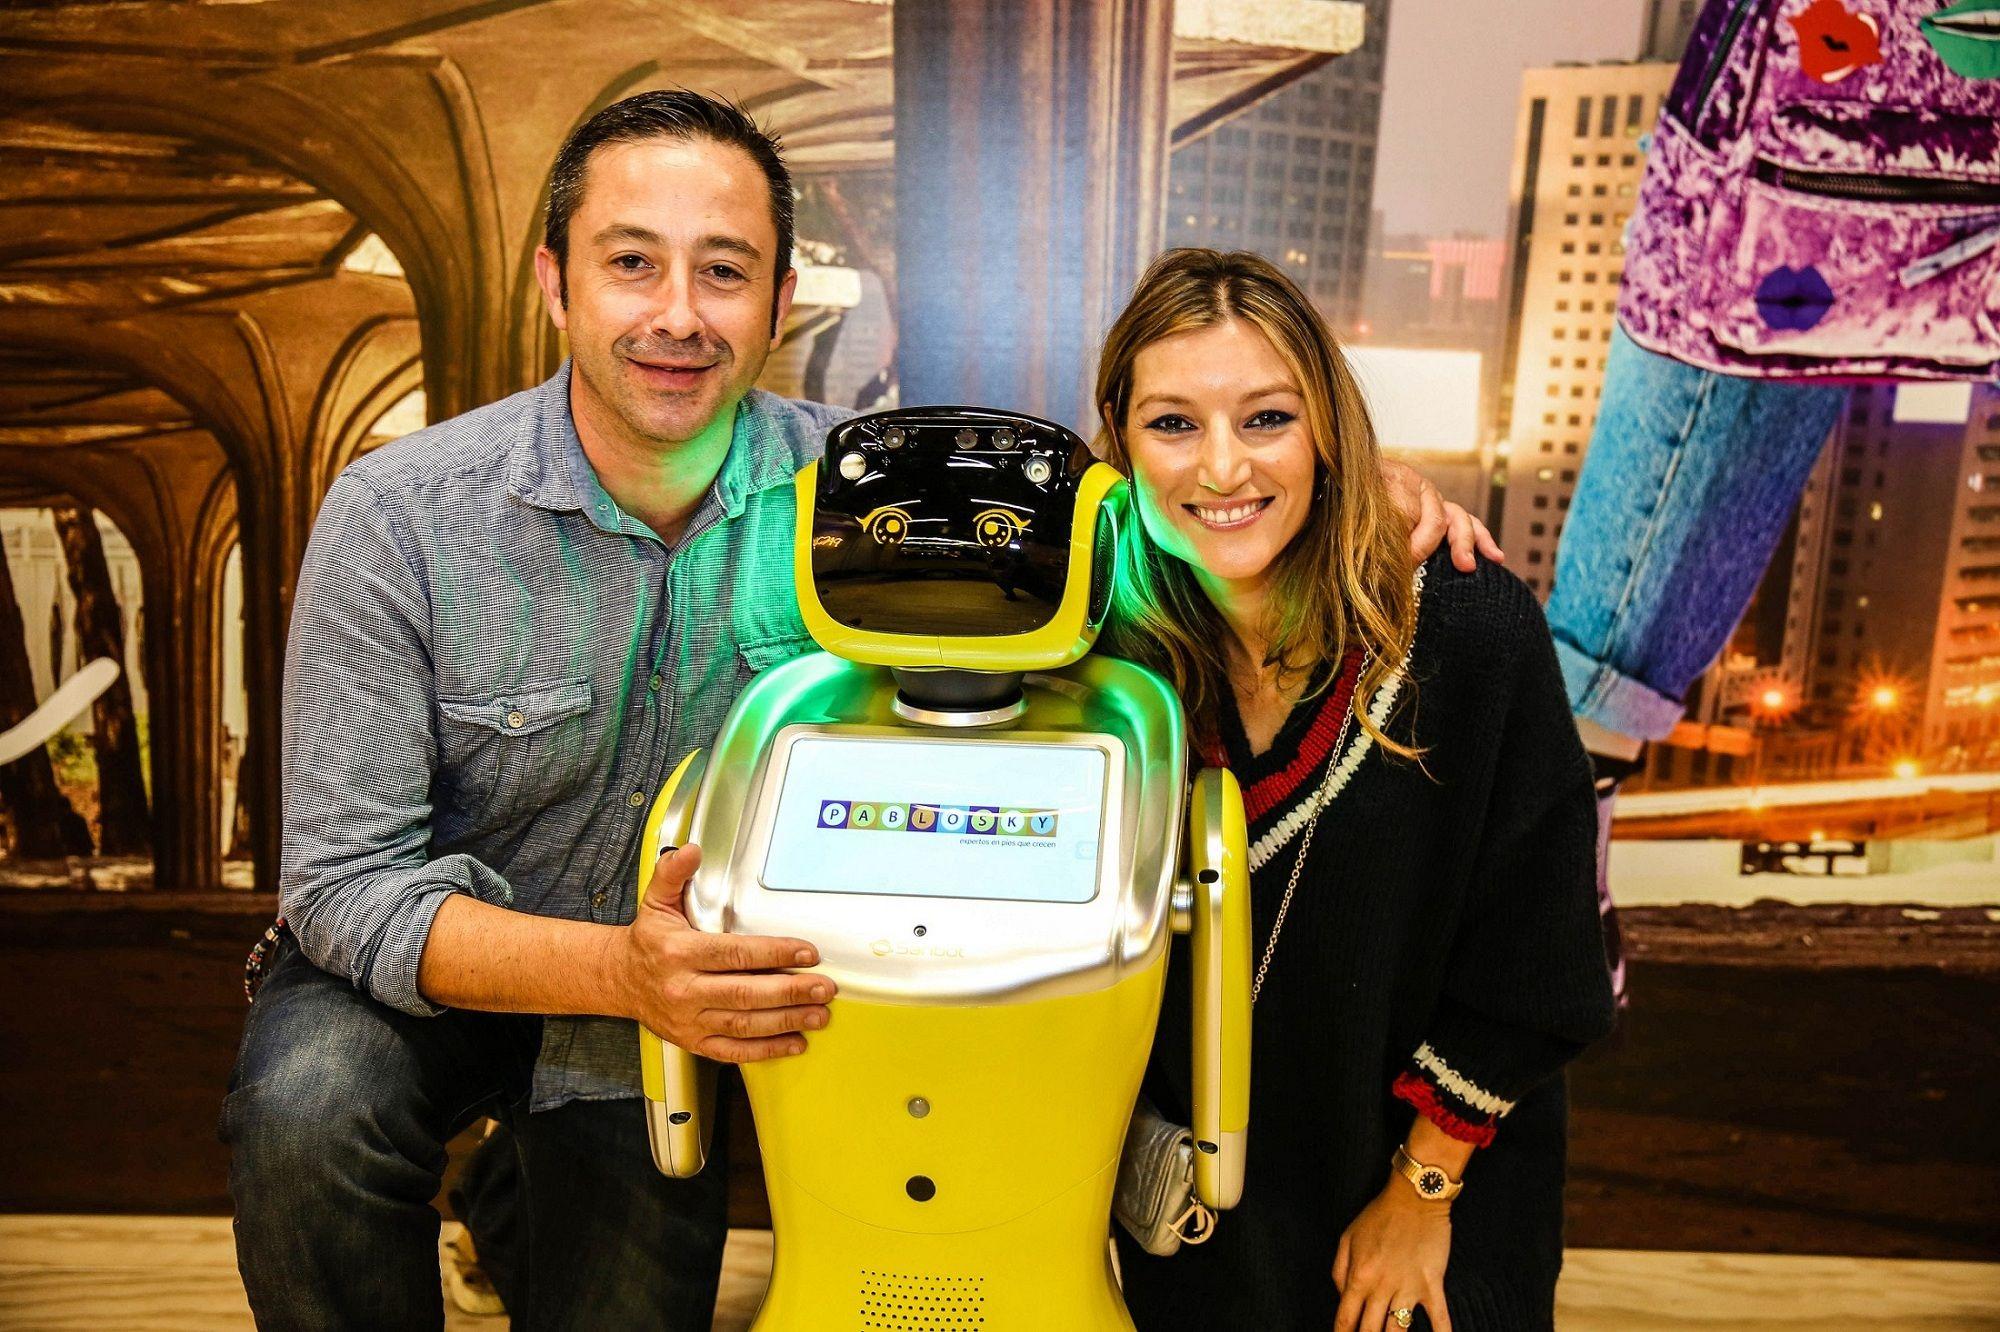 Pablosky presenta a Sammy, el robot humanoide asistente de ventas